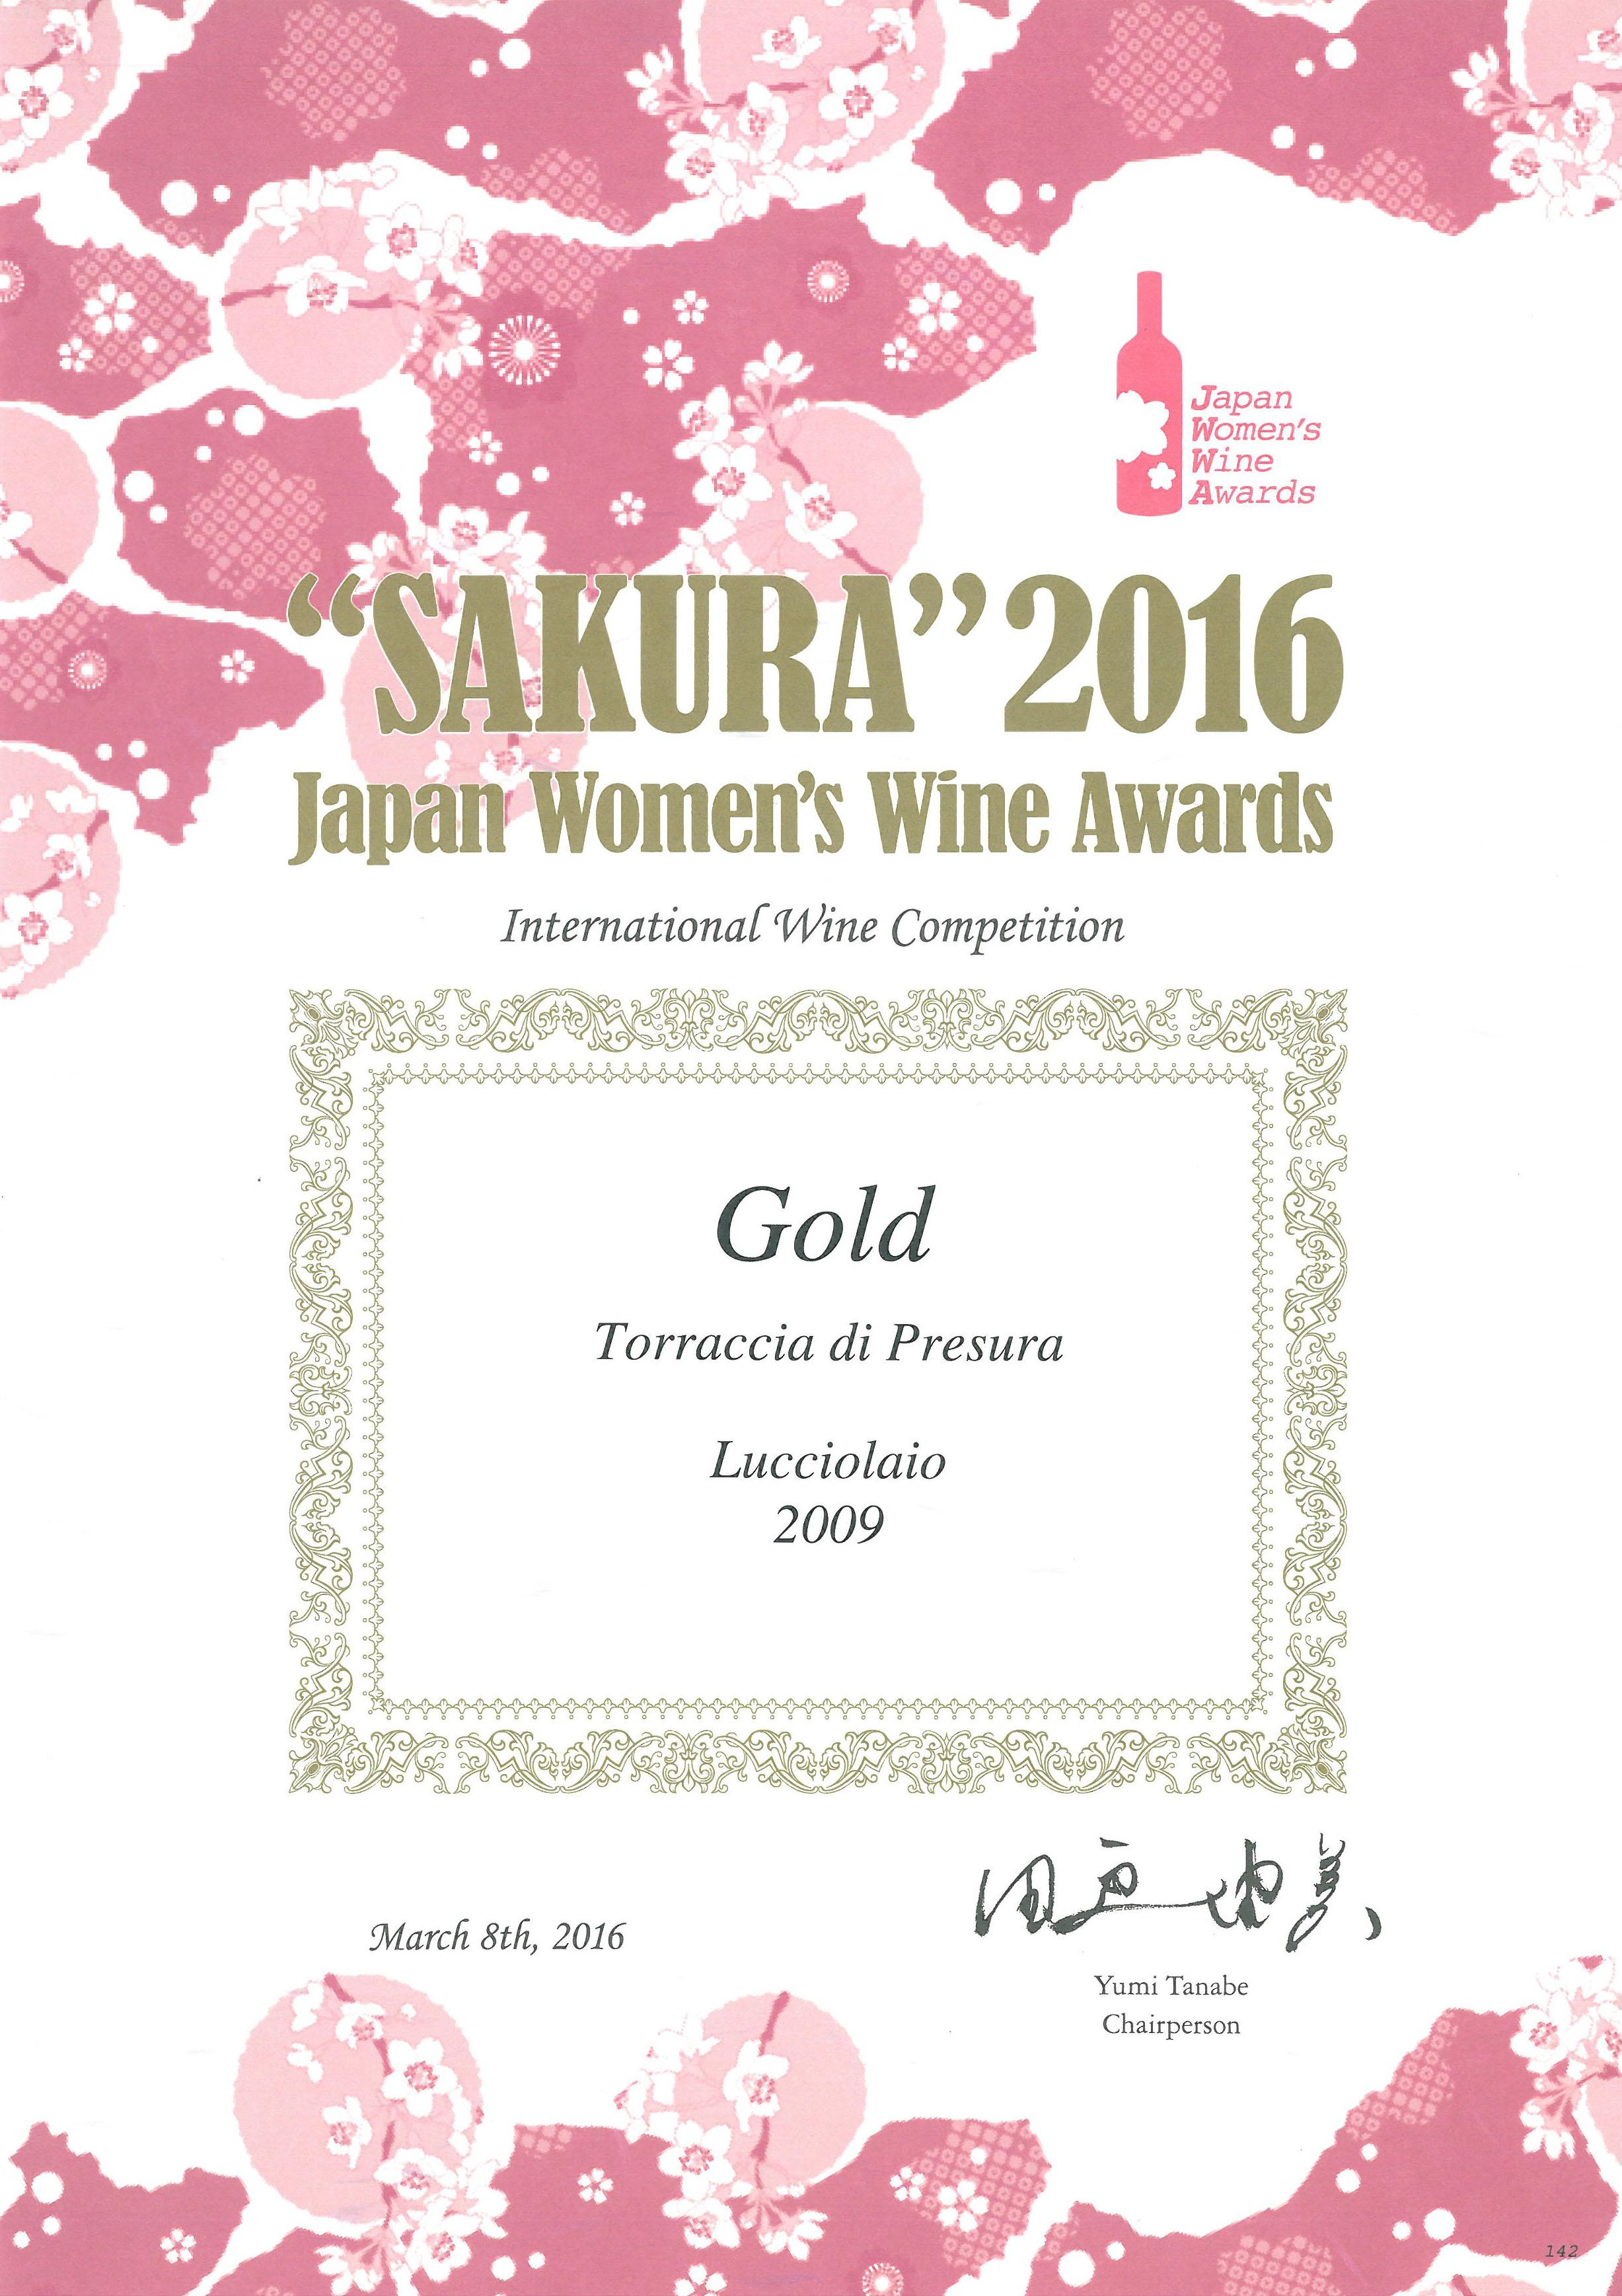 141 LUC 2009 Sakura 2016 2016